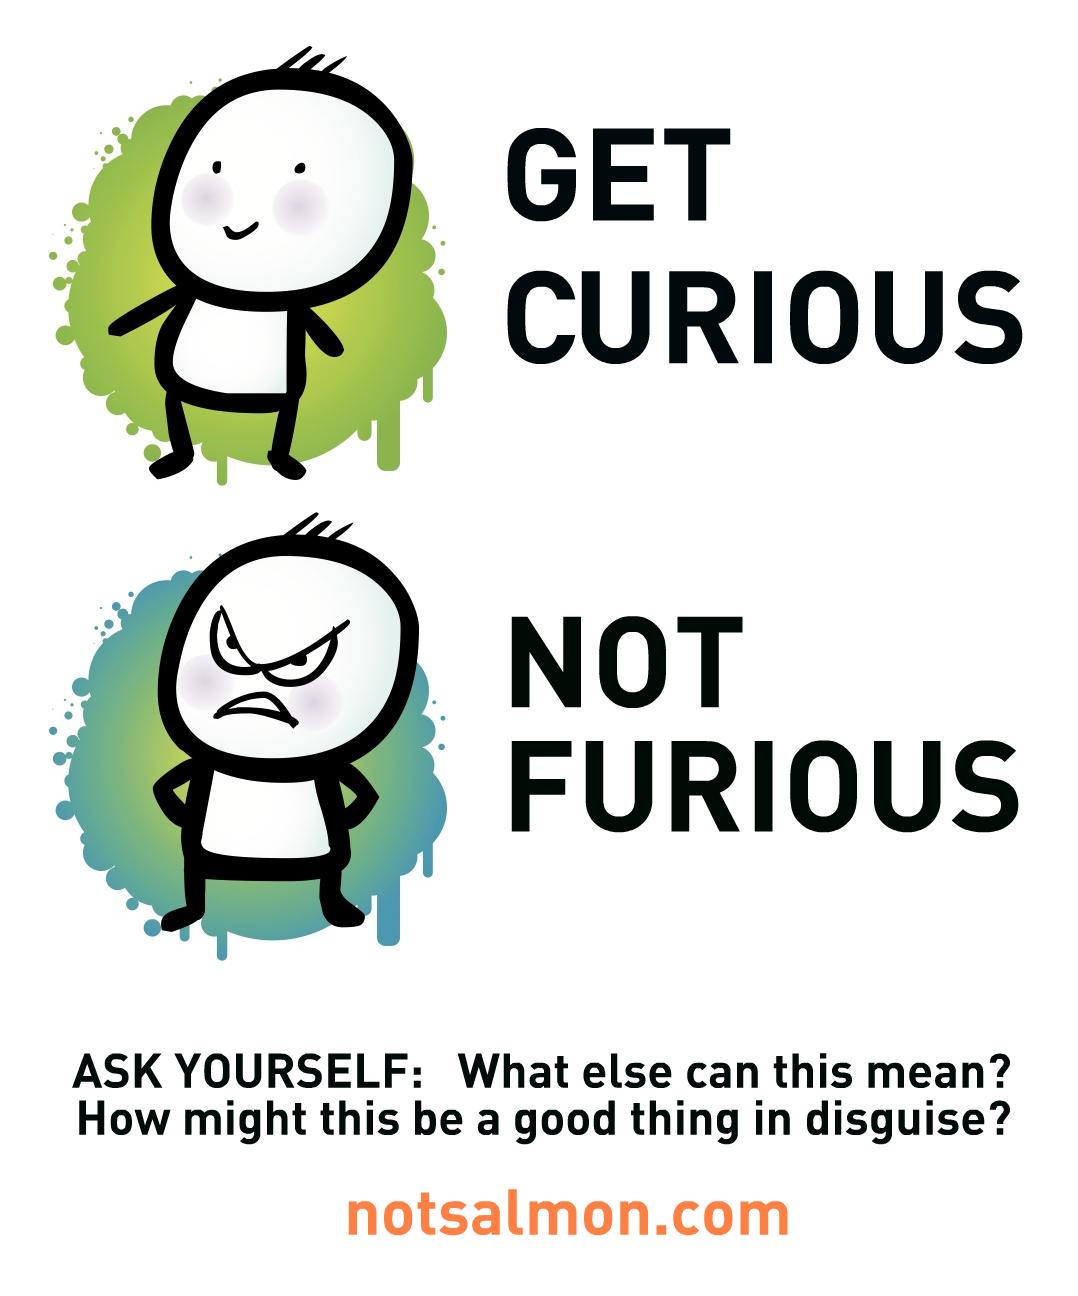 POSTER-CURIOUS-NOT-FURIOUS.jpg